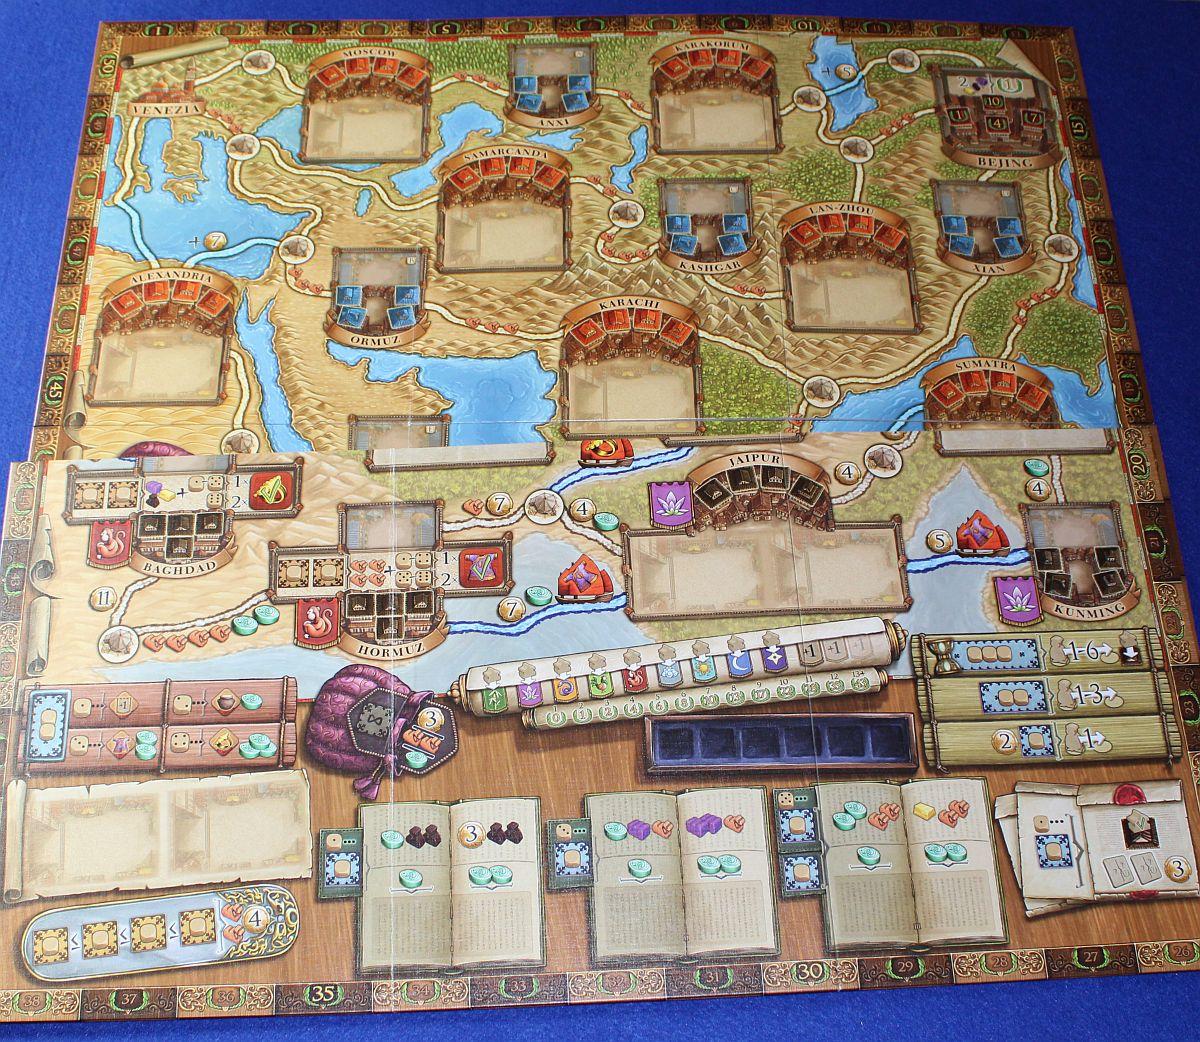 Marco Polo 2 - Vergleich Spielpläne